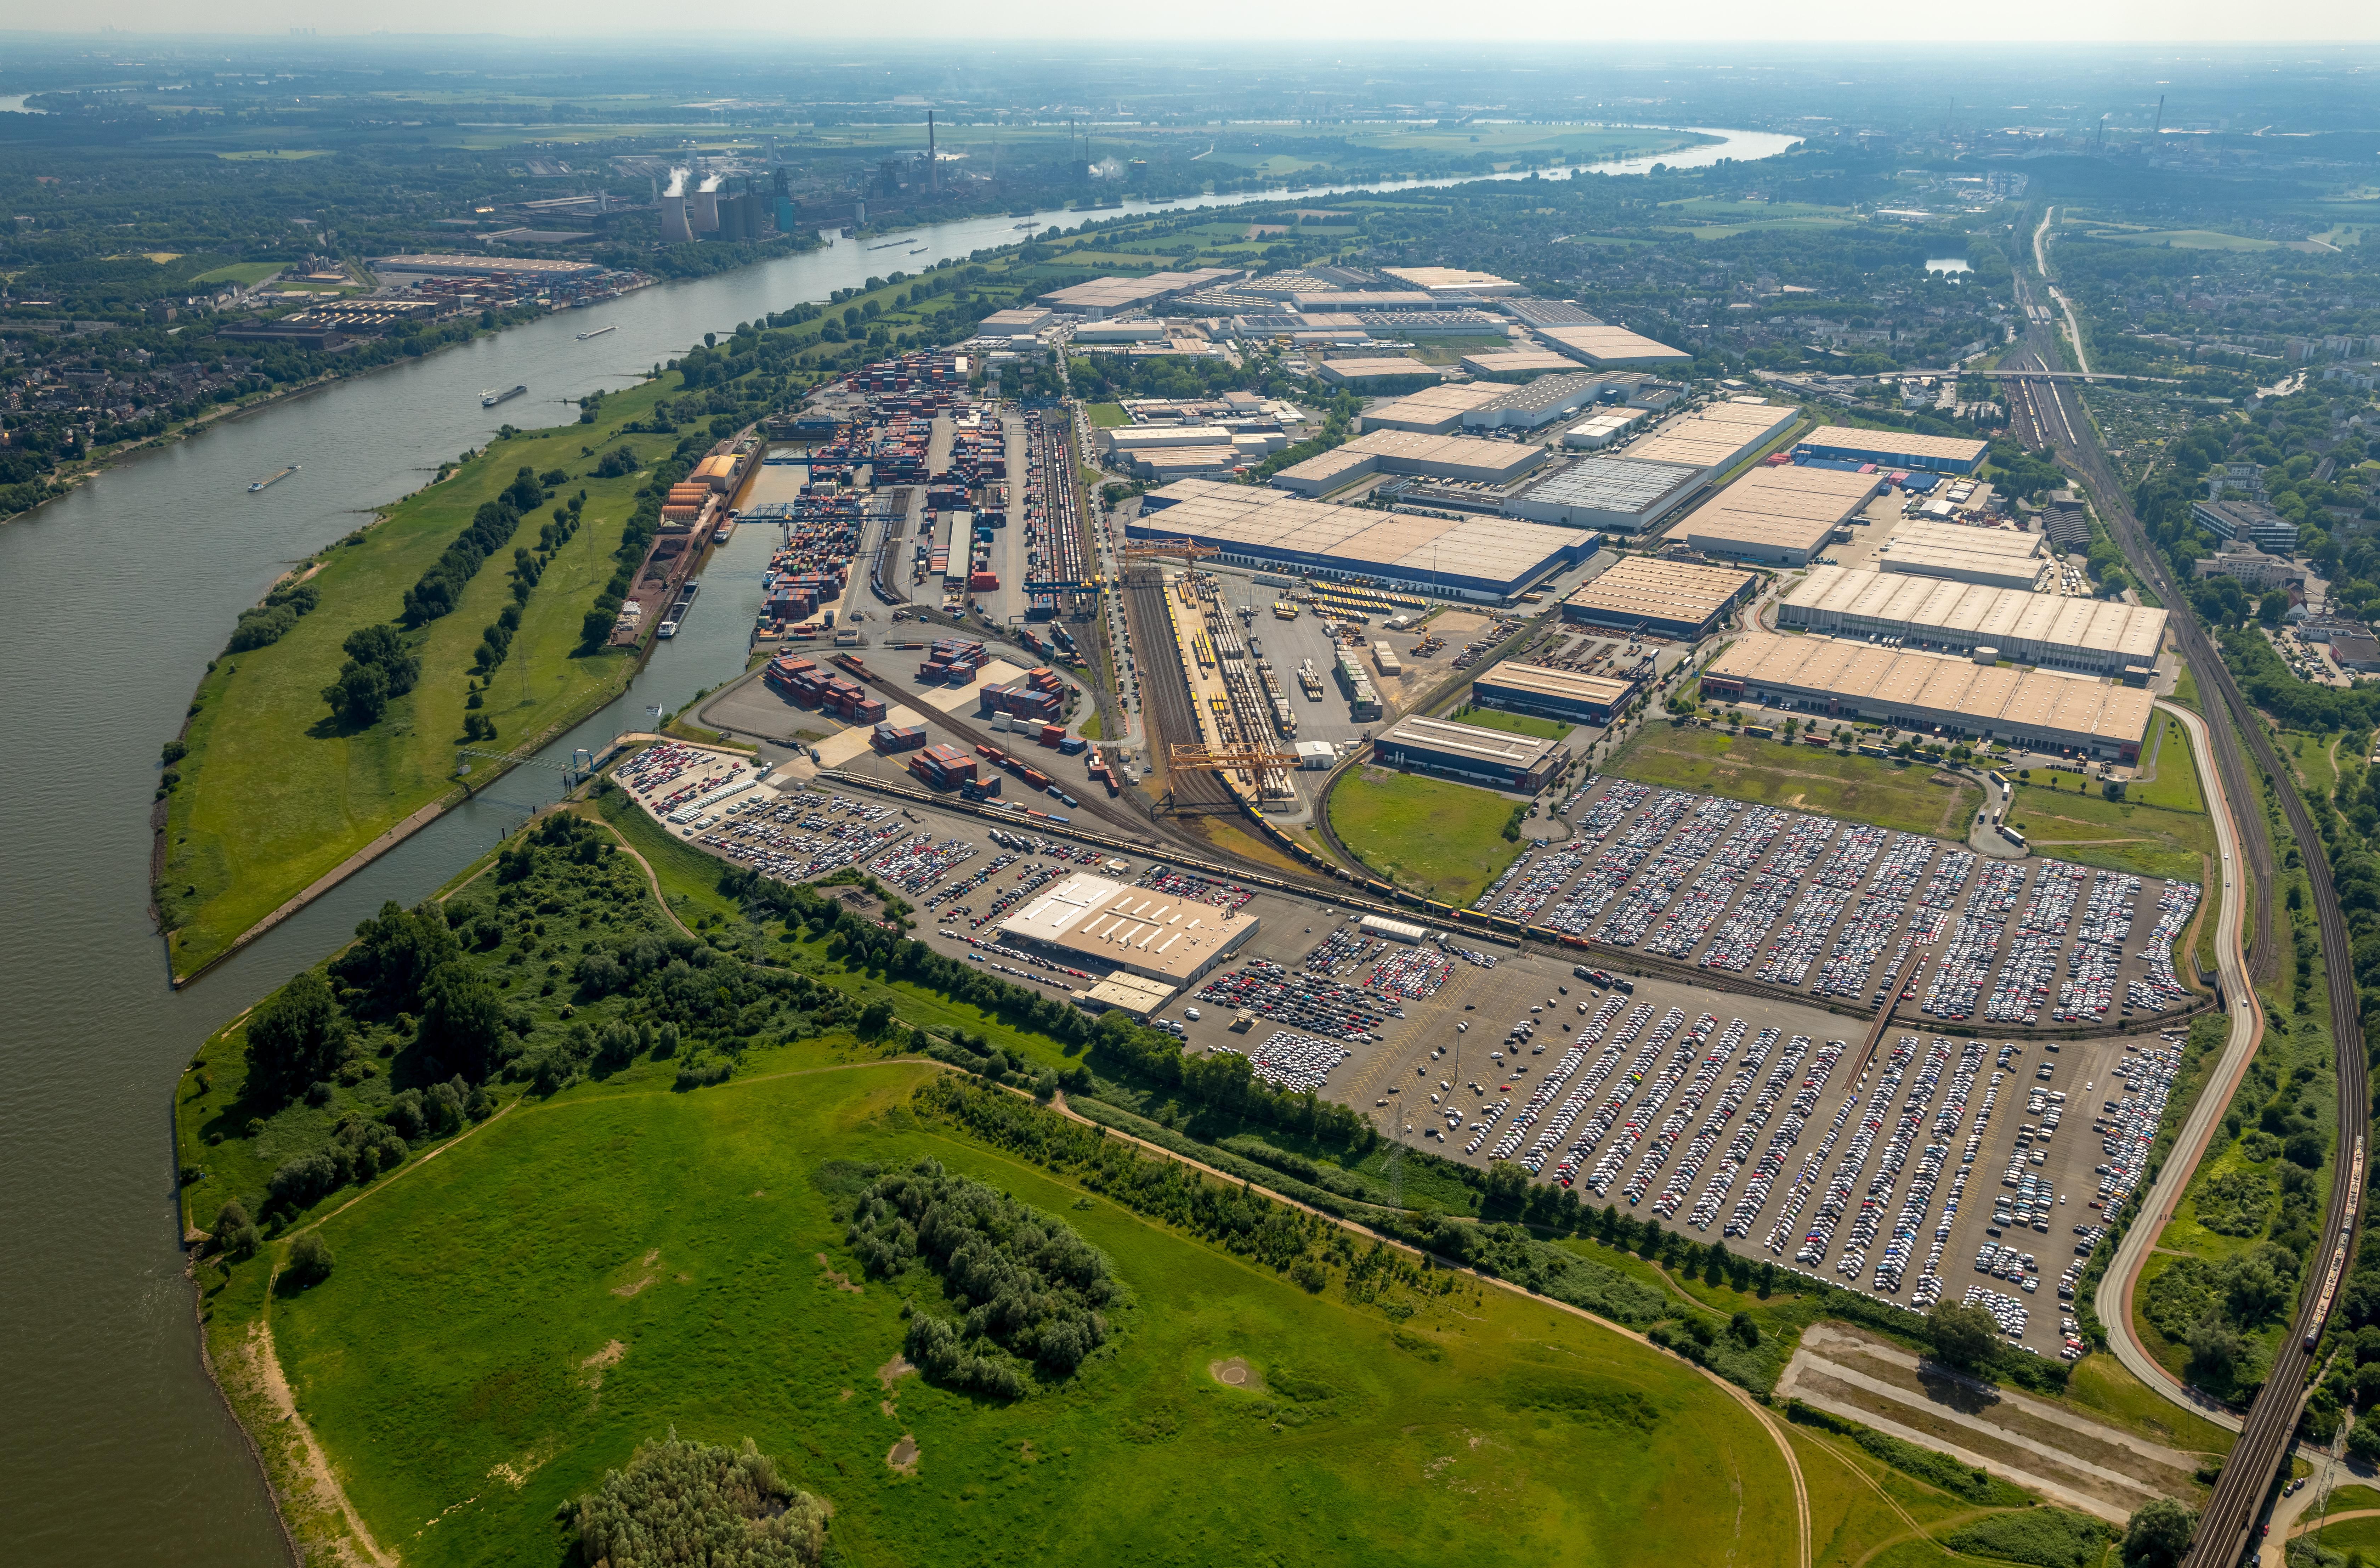 Duisburger Hafen, Logistikstandort Logport 1, Duisburg Rheinhausen, Contailerhafen, rhein, Rheinhausen, Duisburg, Ruhrgebiet, Nordrhein-Westfalen, Deutschland